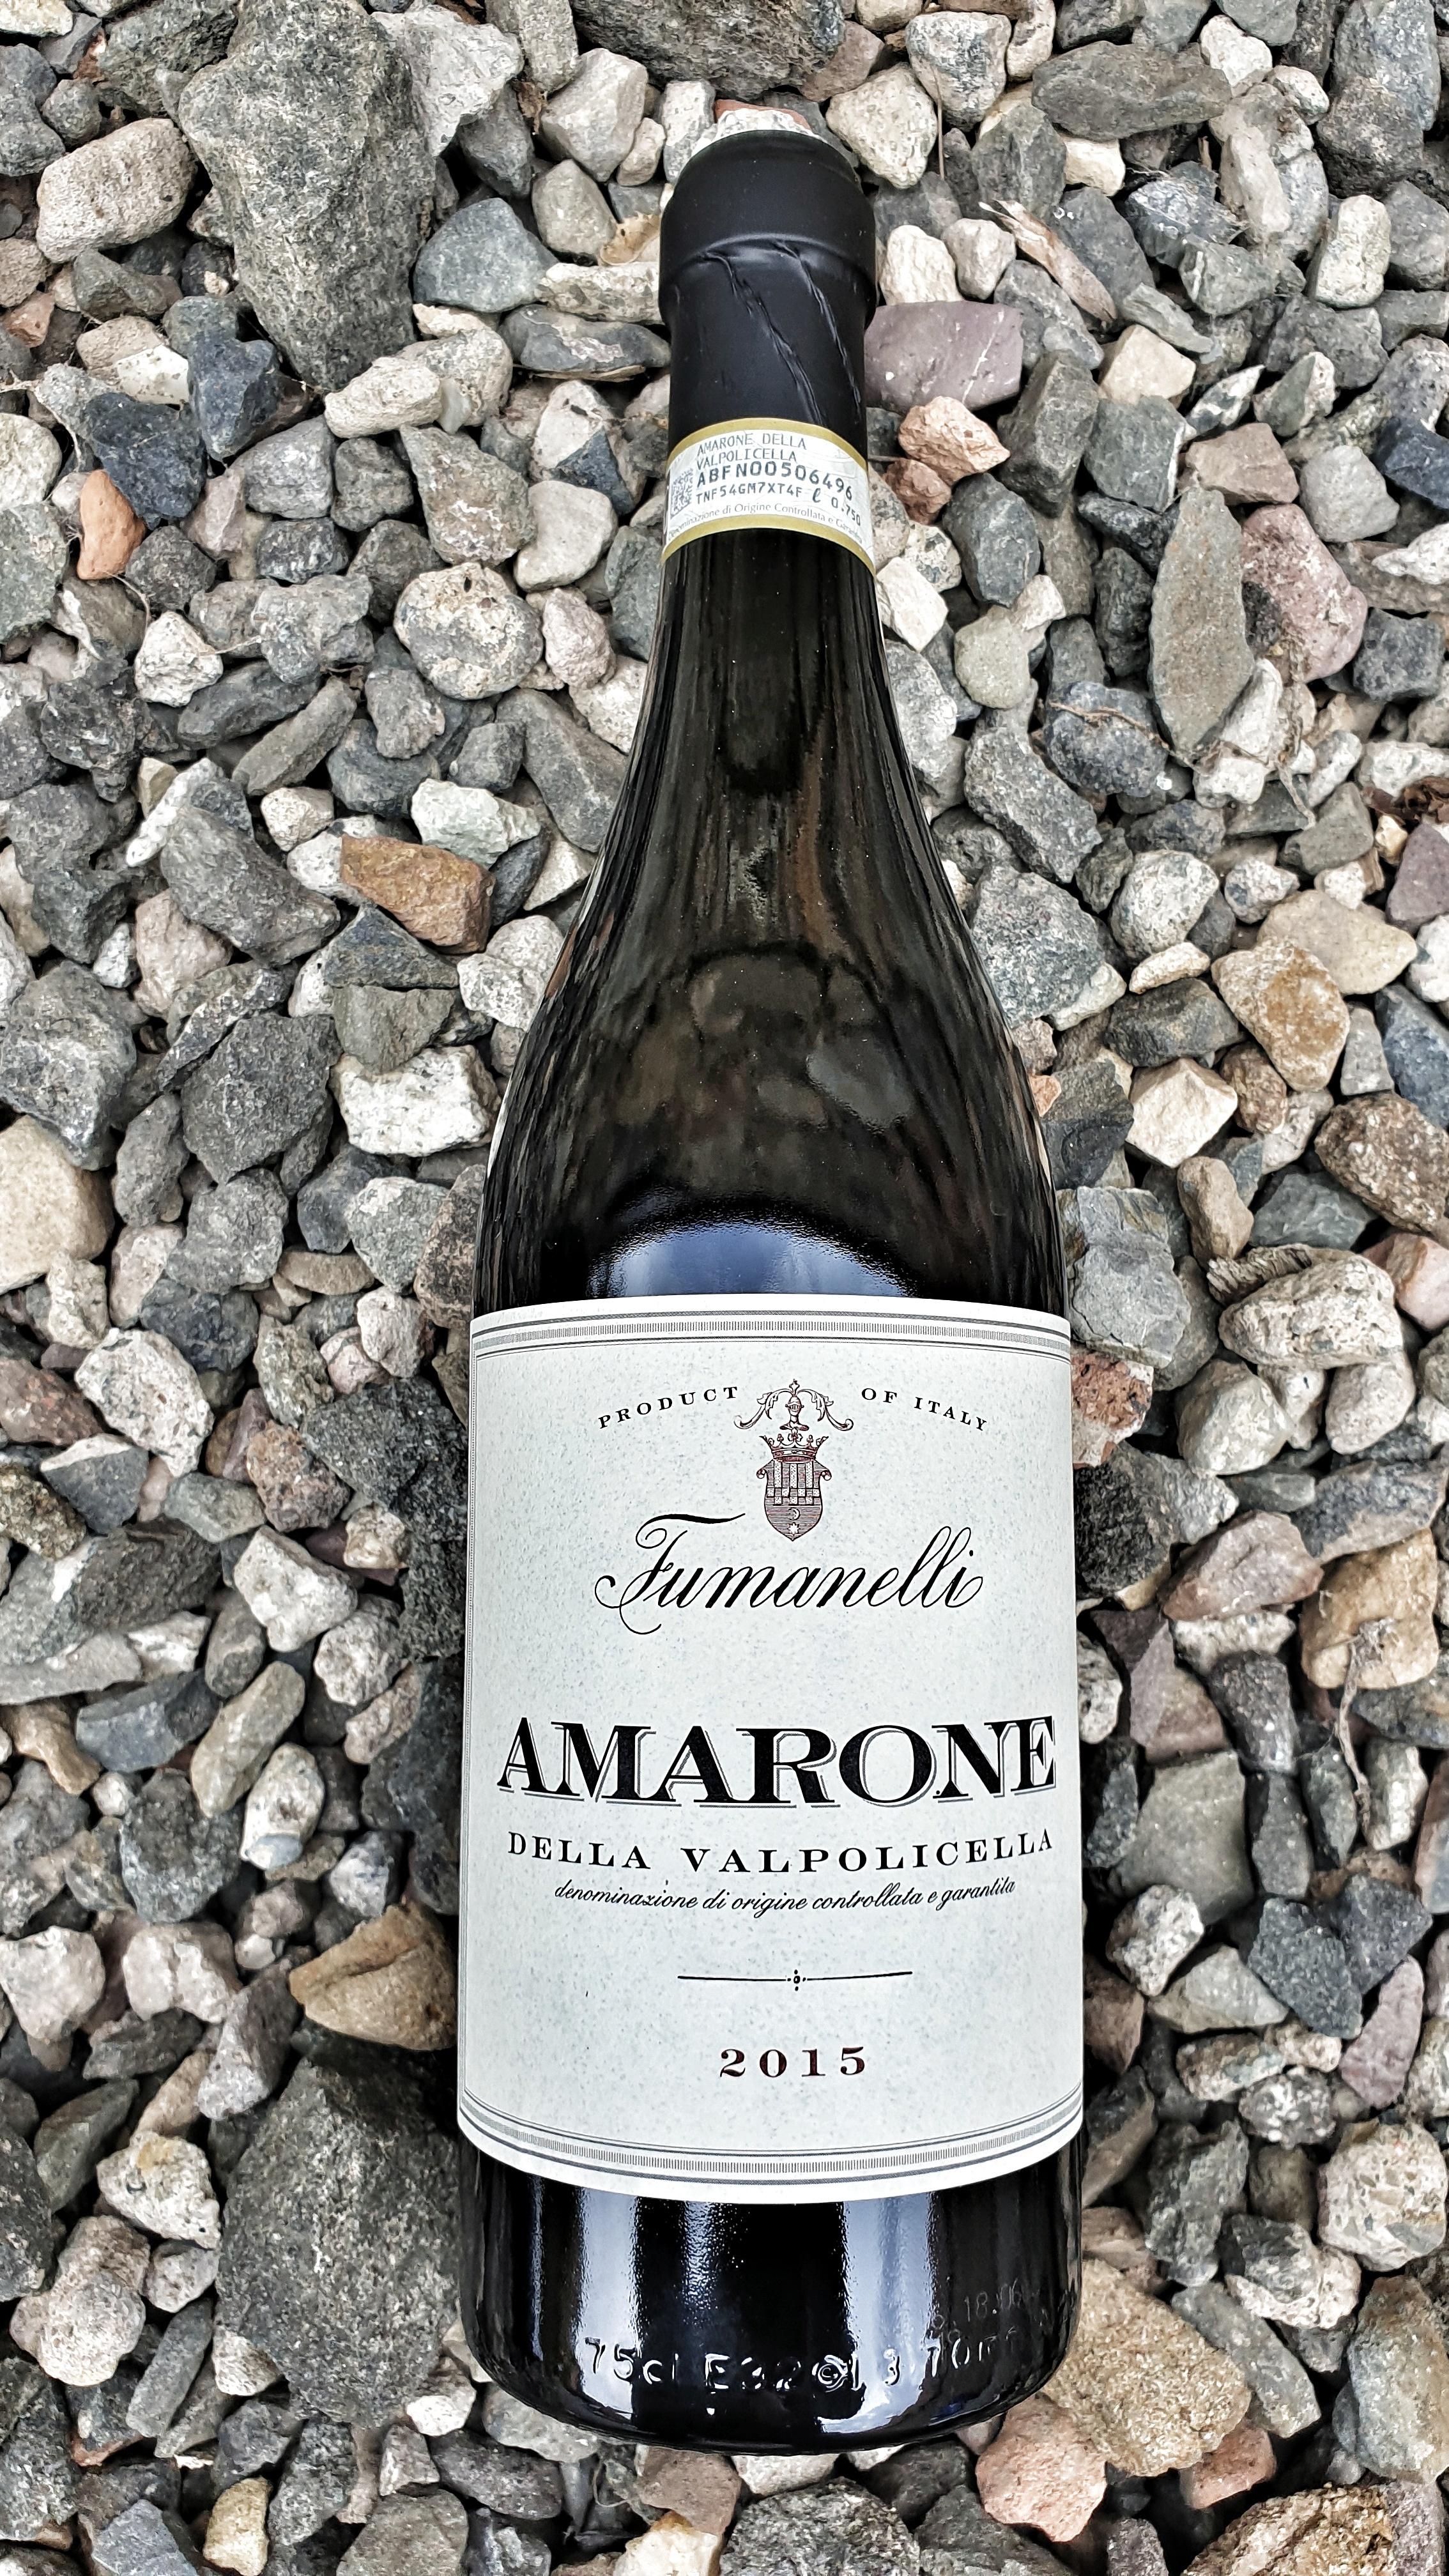 Amarone della Valpolicella Fumanelli 2015 00196